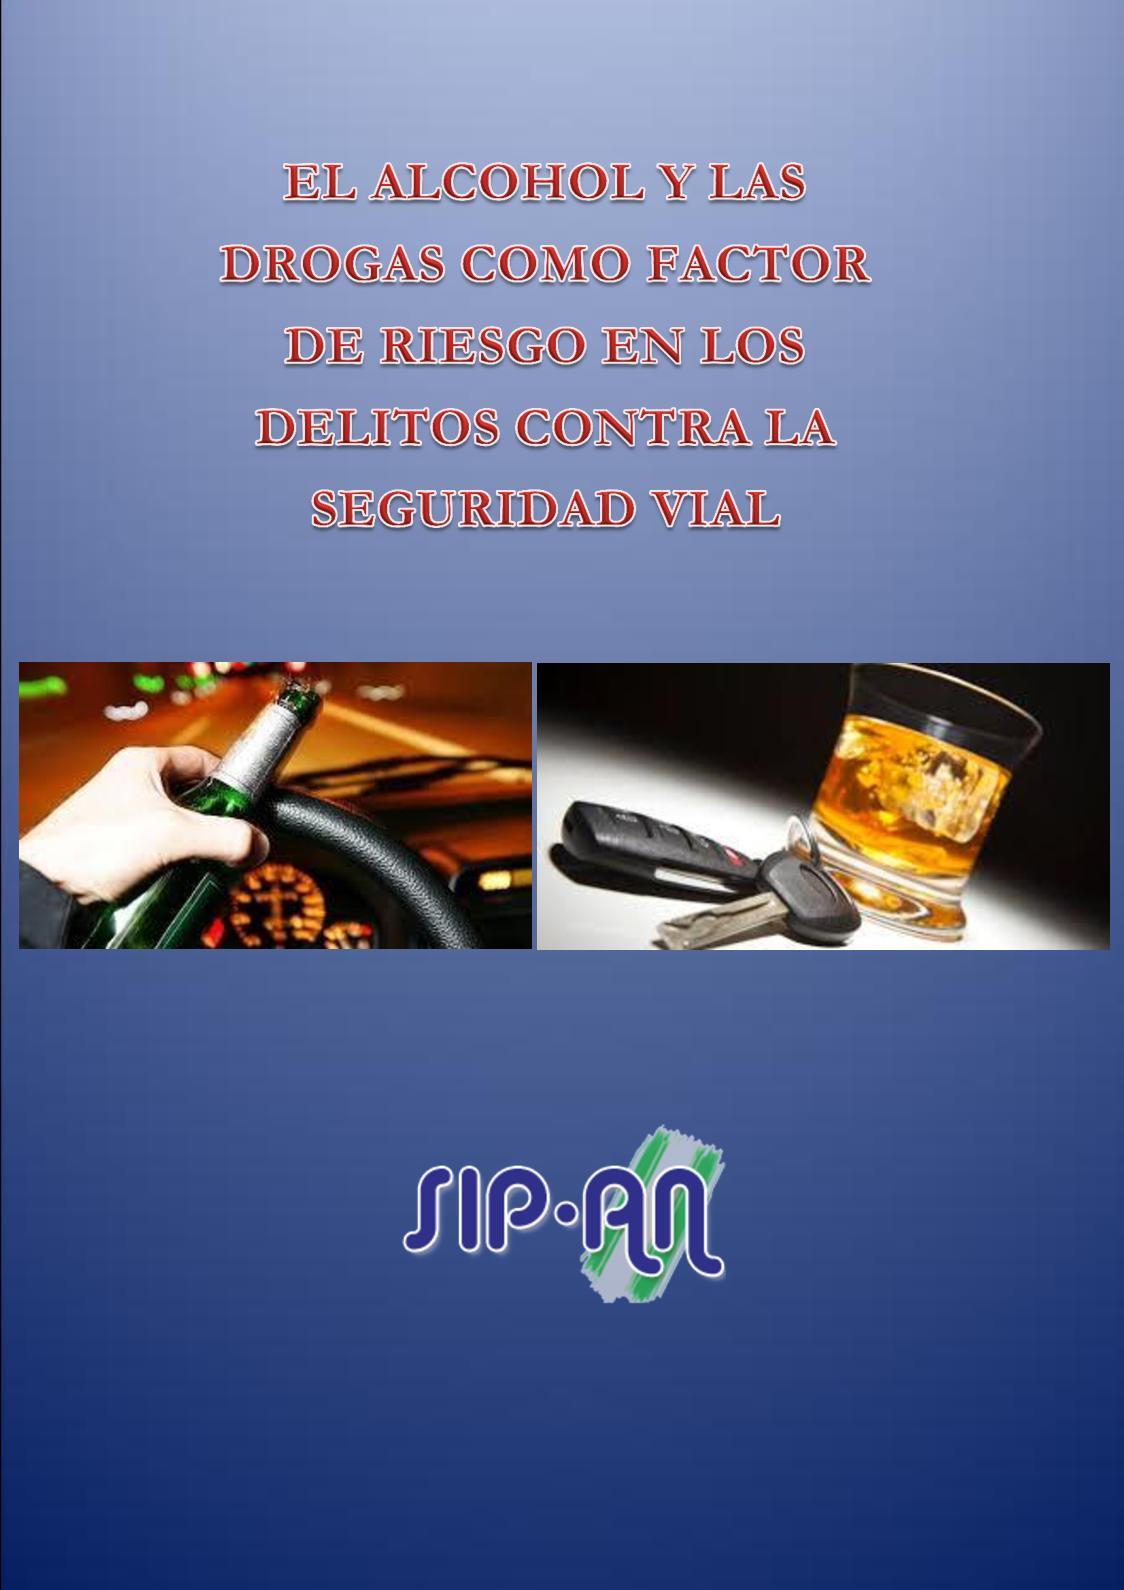 393 El Alcohol Y Las Drogas Como Factor De Riesgo En Los Delitos Contra La Seguridad Vial